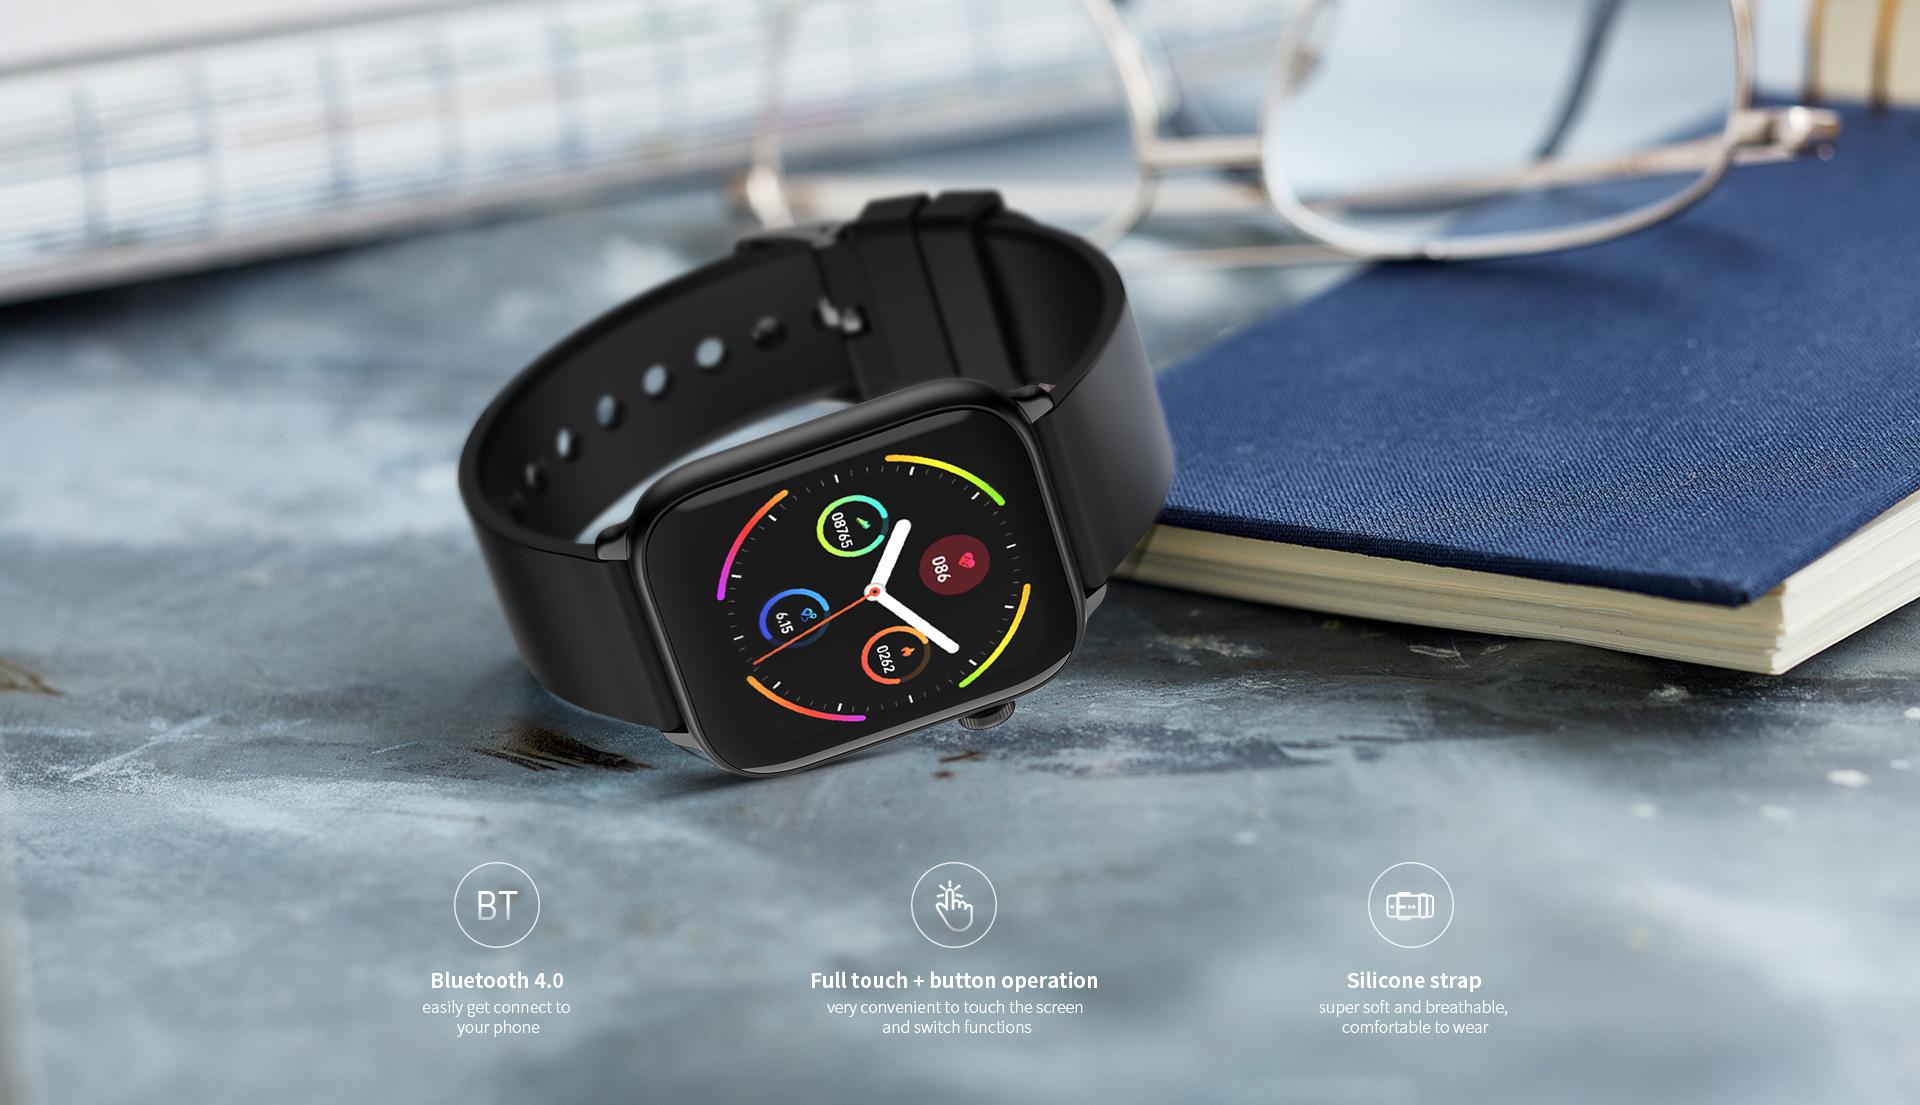 Xiaomi hodinky, Yeelight a třeba chytré hodinky s teploměrem nově v akci na Gearbestu [sponzorovaný článek]